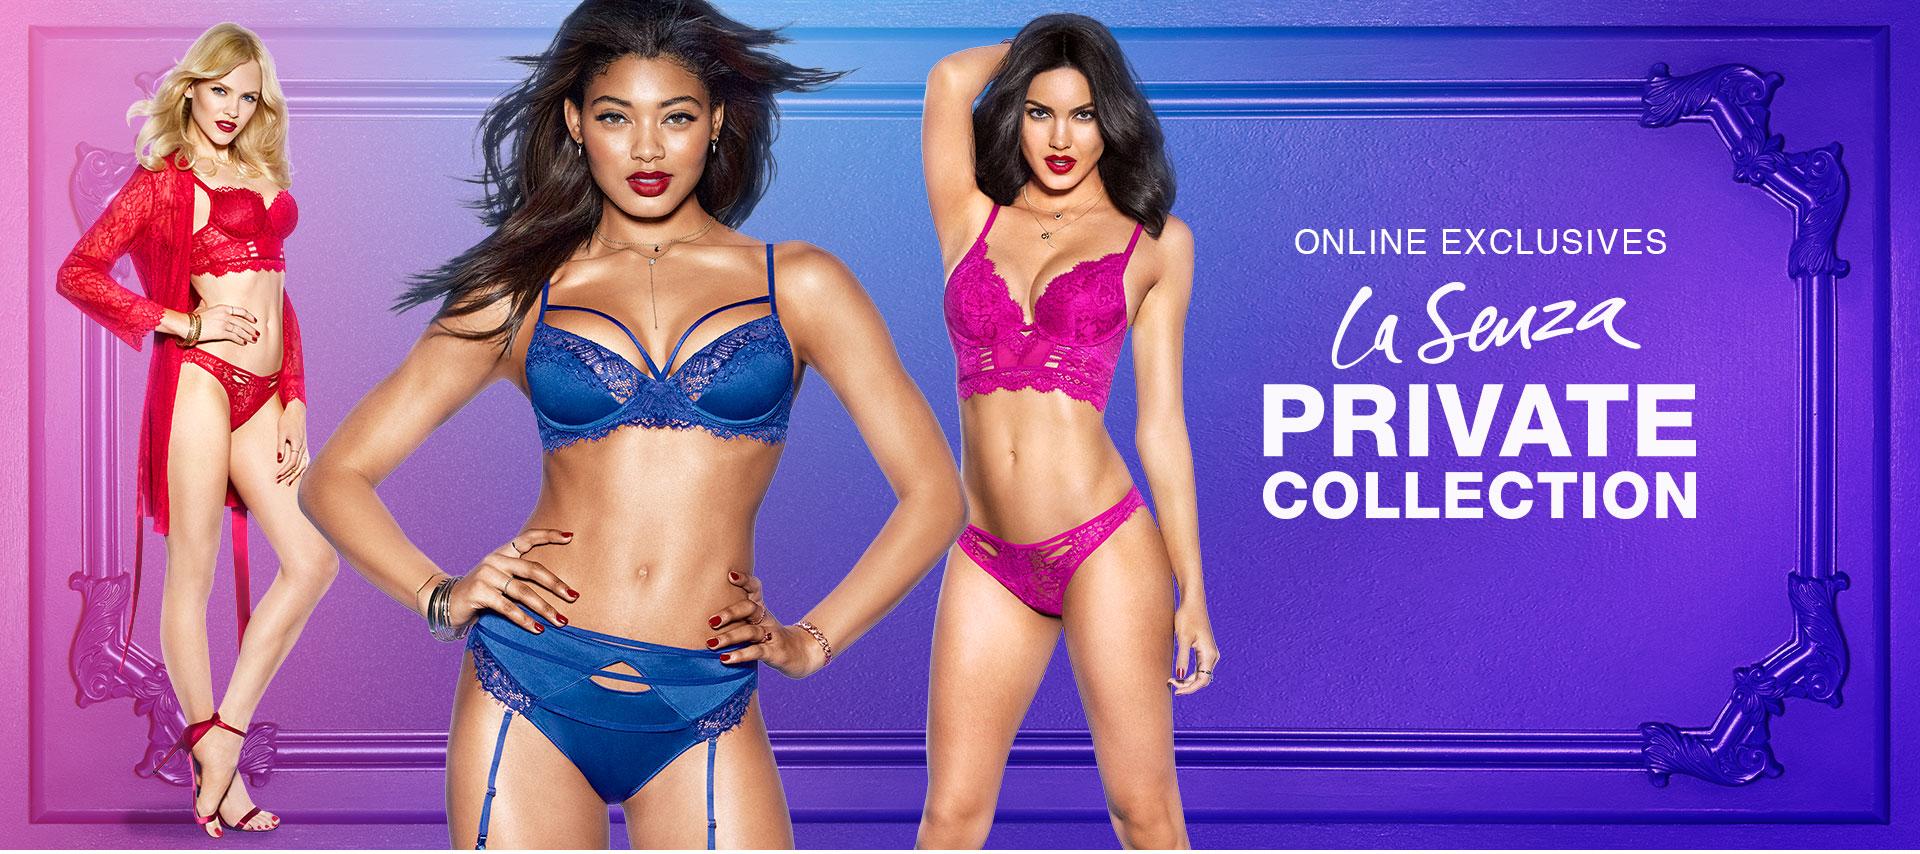 Online Exclusives. La Senza. Private Collection. Shop Online Exclusives.